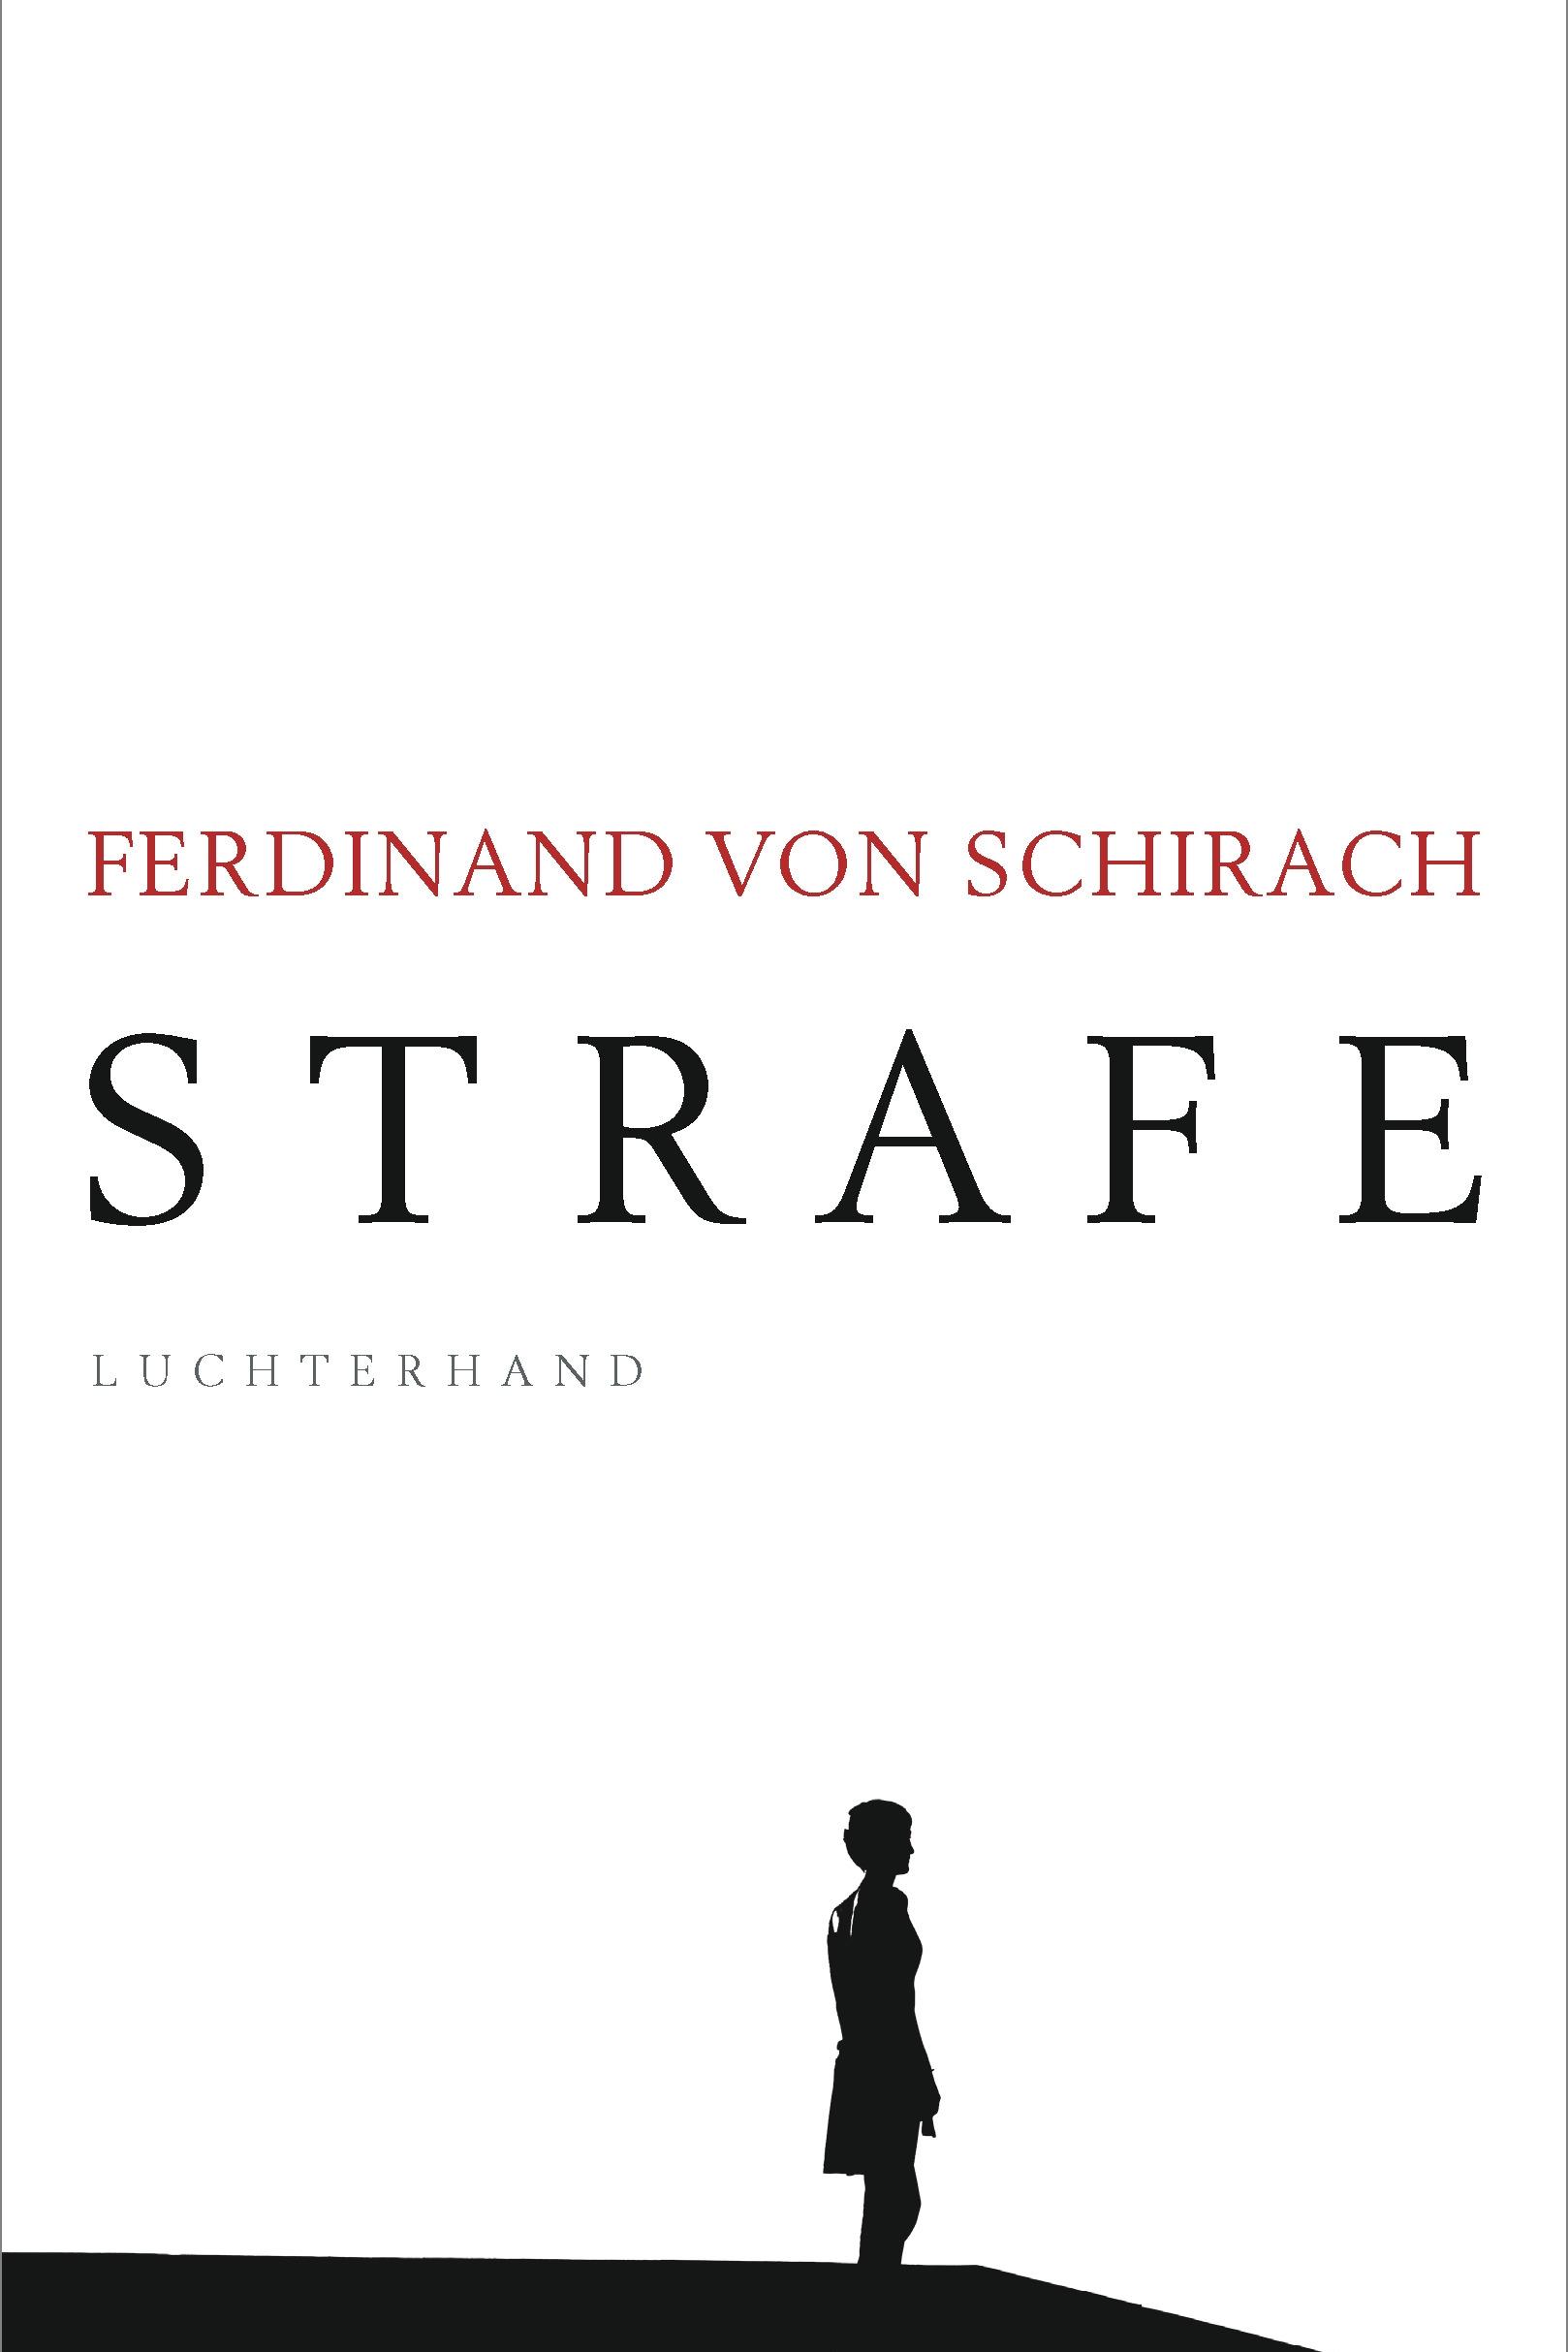 Strafe - Ferdinand von SchirachLuchterhand / March 2018